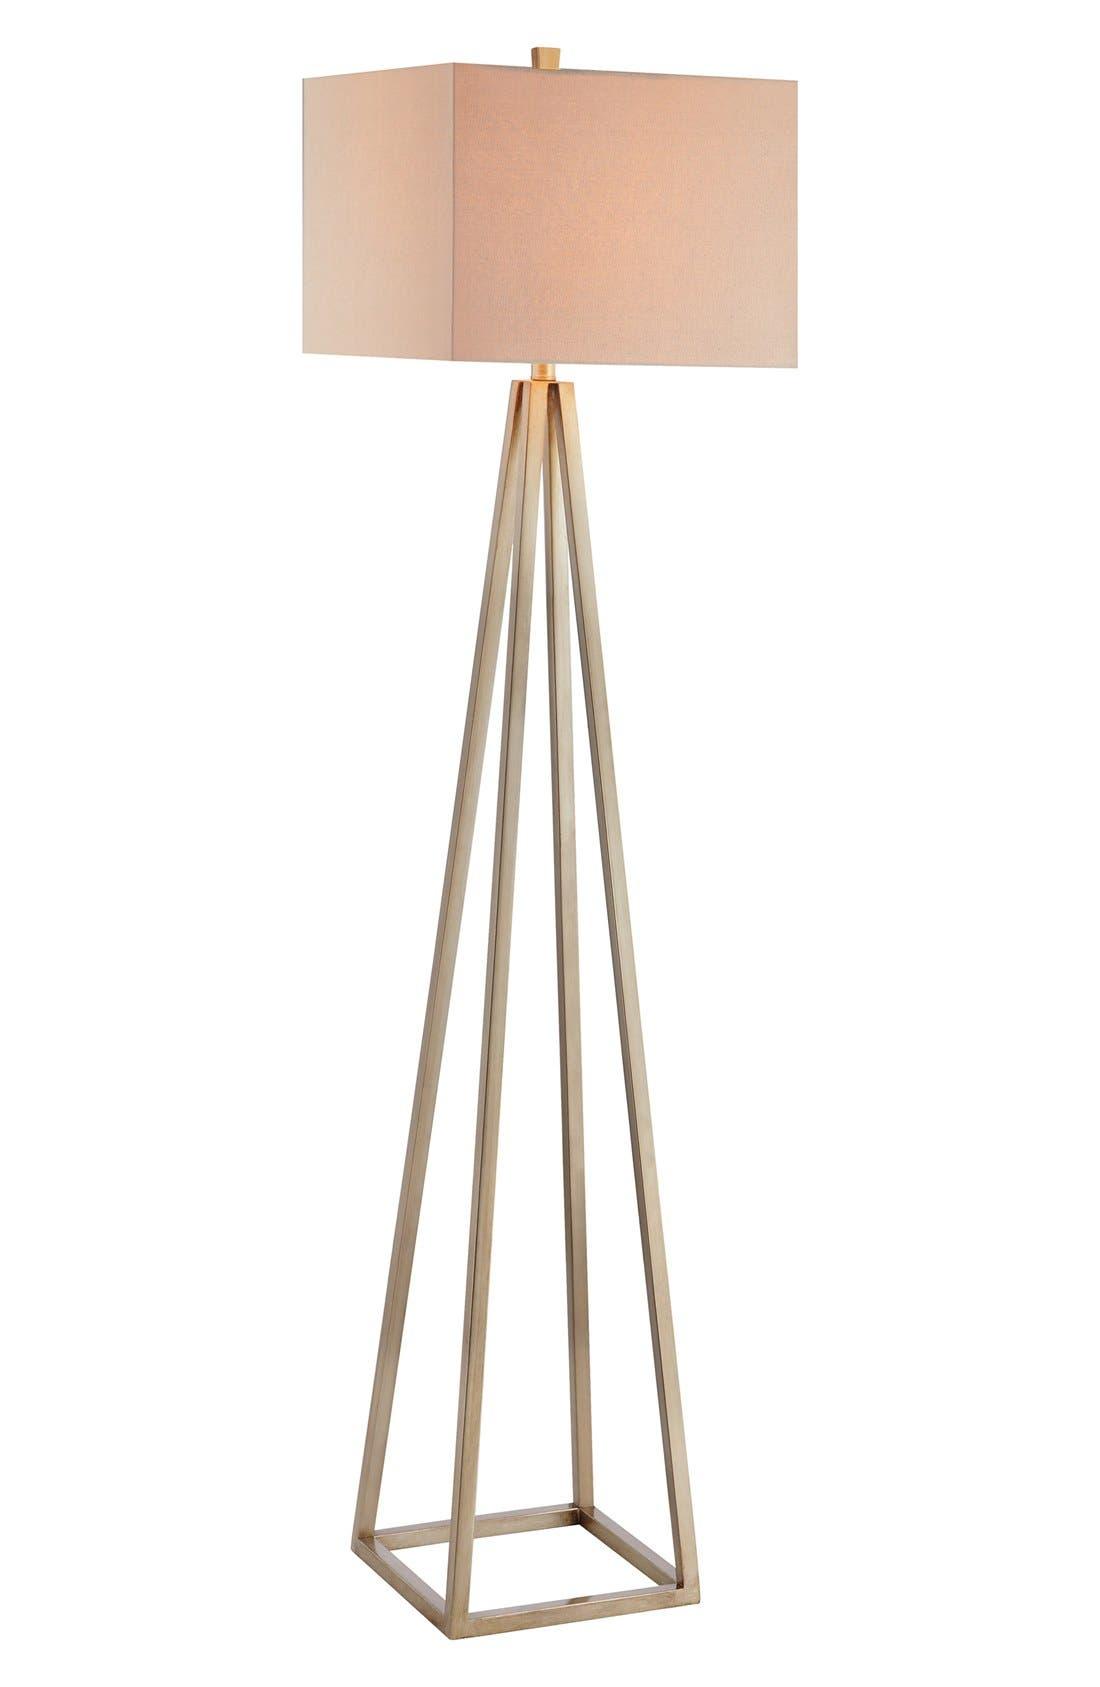 JAlexander Lighting Open Caged Metal Floor Lamp